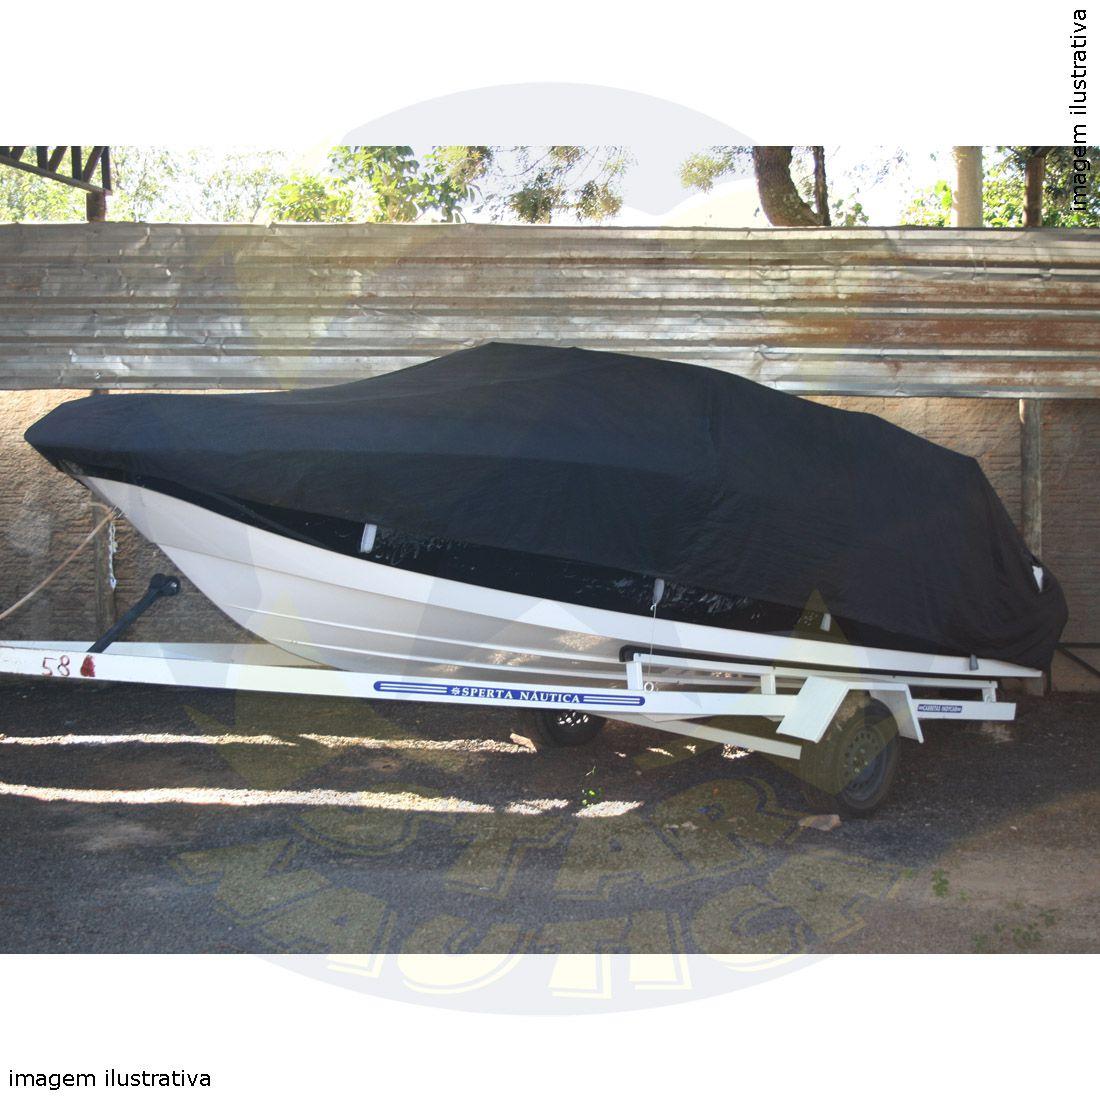 Capa Lona de Cobertura Lancha FS 215 Lona Vinílica